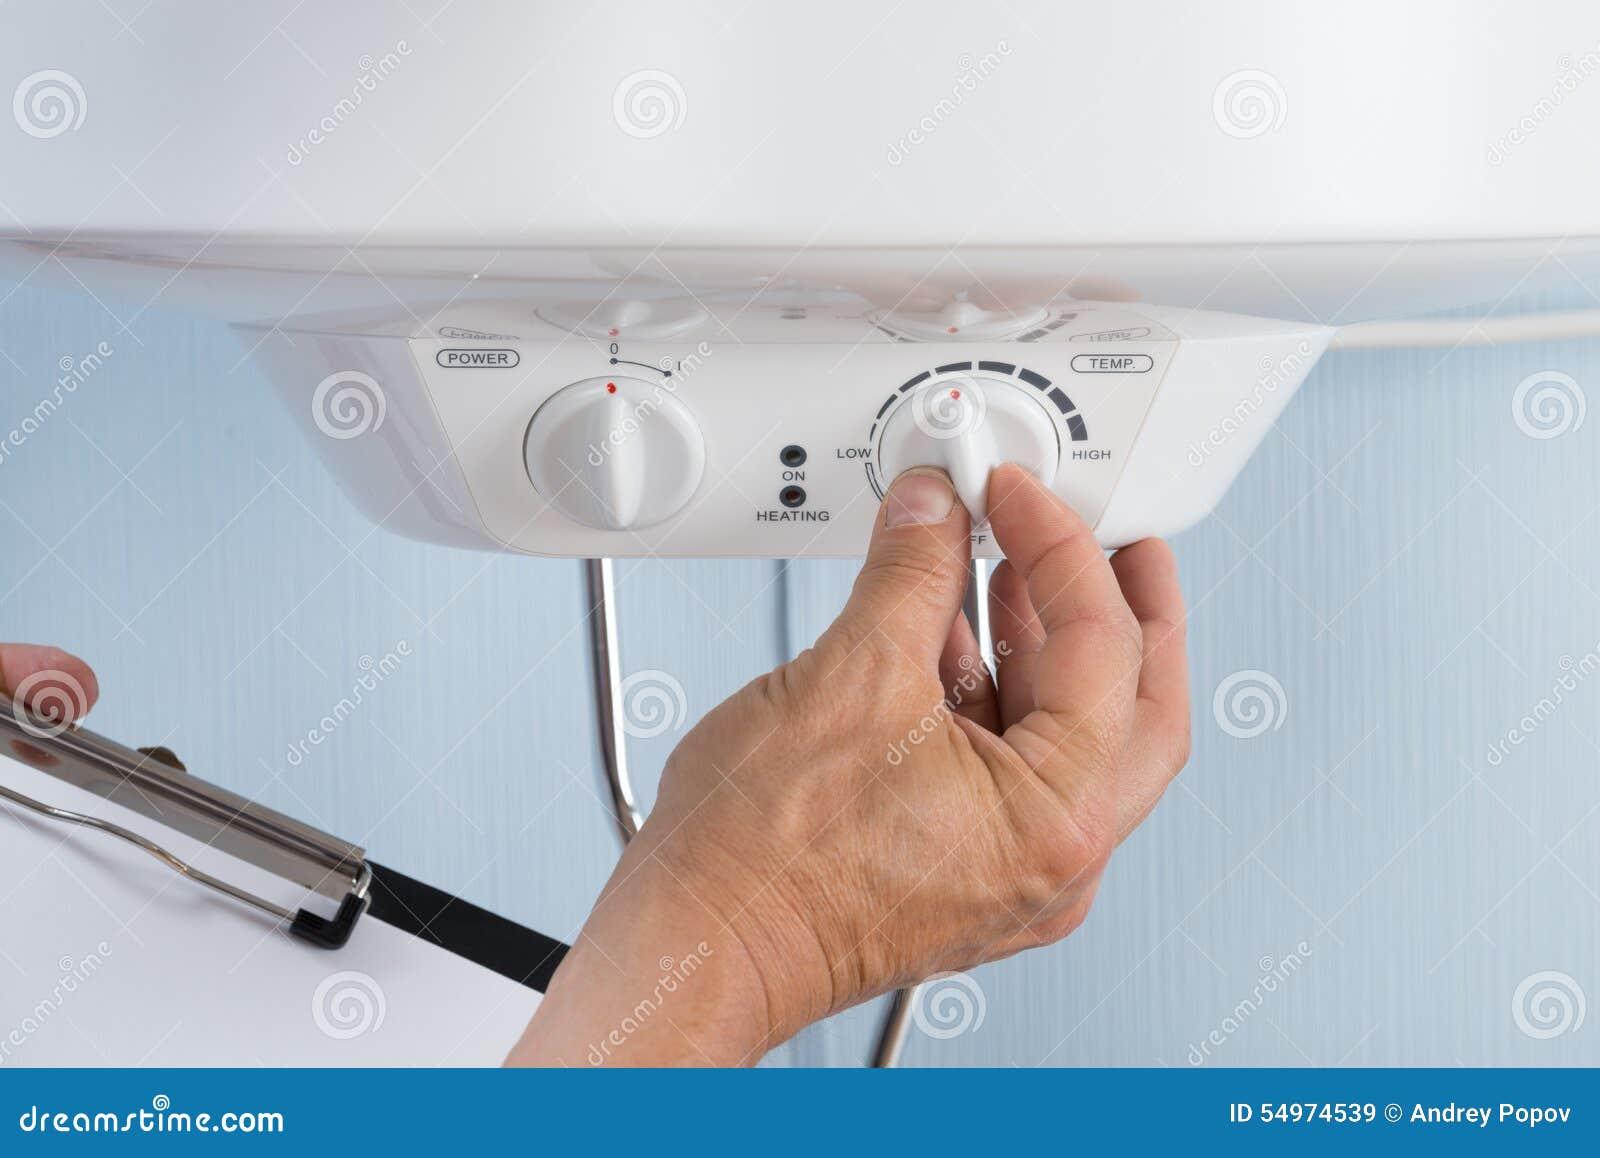 Persona Che Regola Temperatura Della Caldaia Elettrica Fotografia Stock - Immagine: 54974539